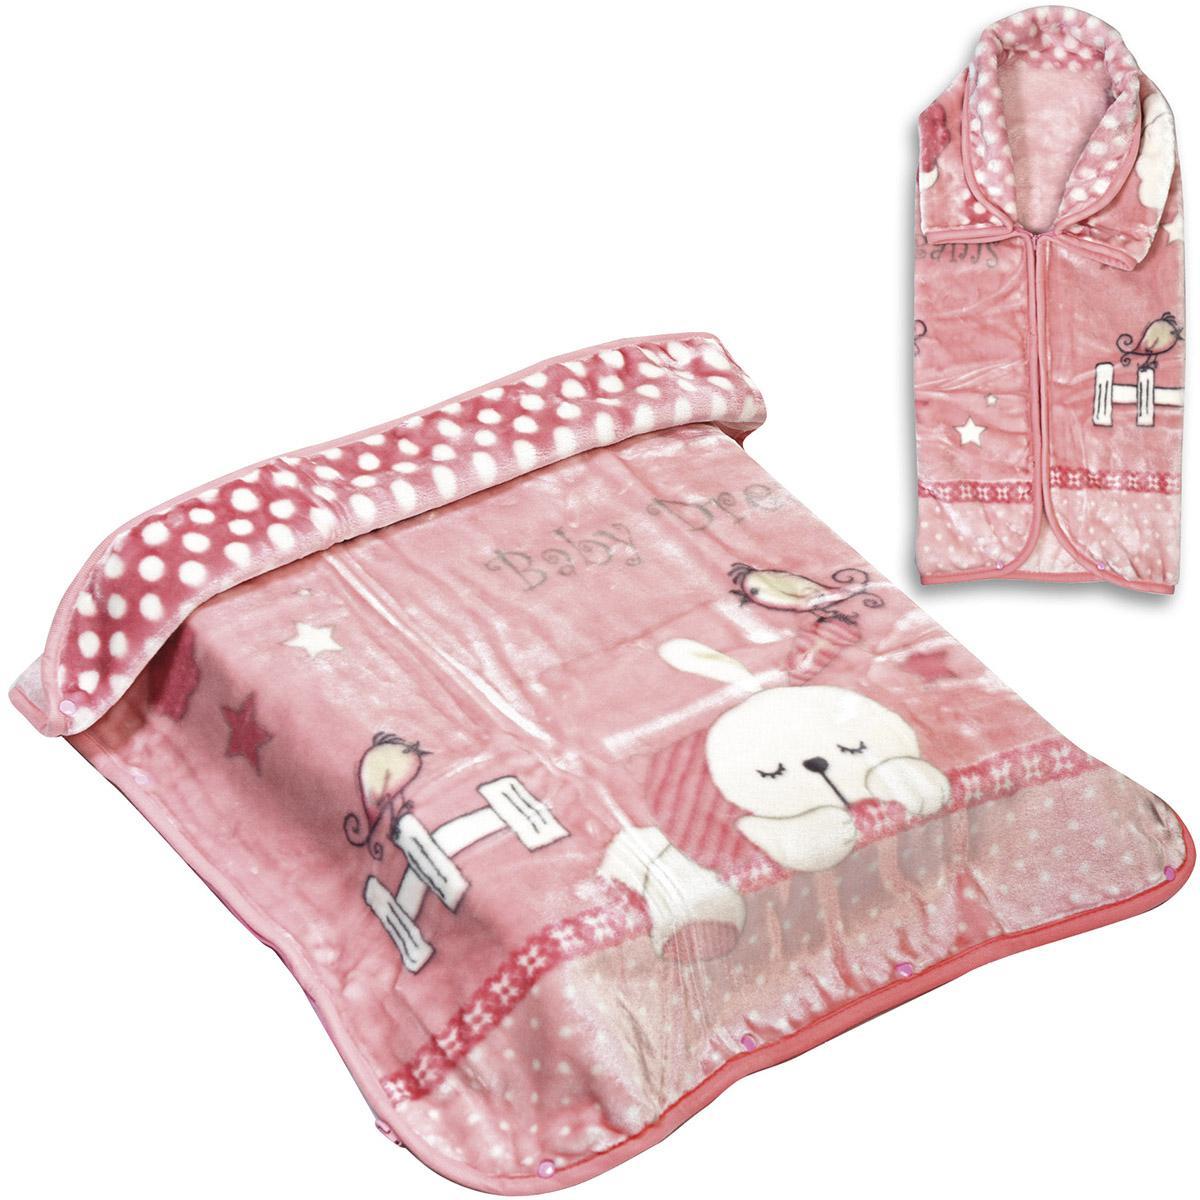 Κουβέρτα βρεφική – Υπνόσακος Art 5252 80×110 Ροζ Beauty Home